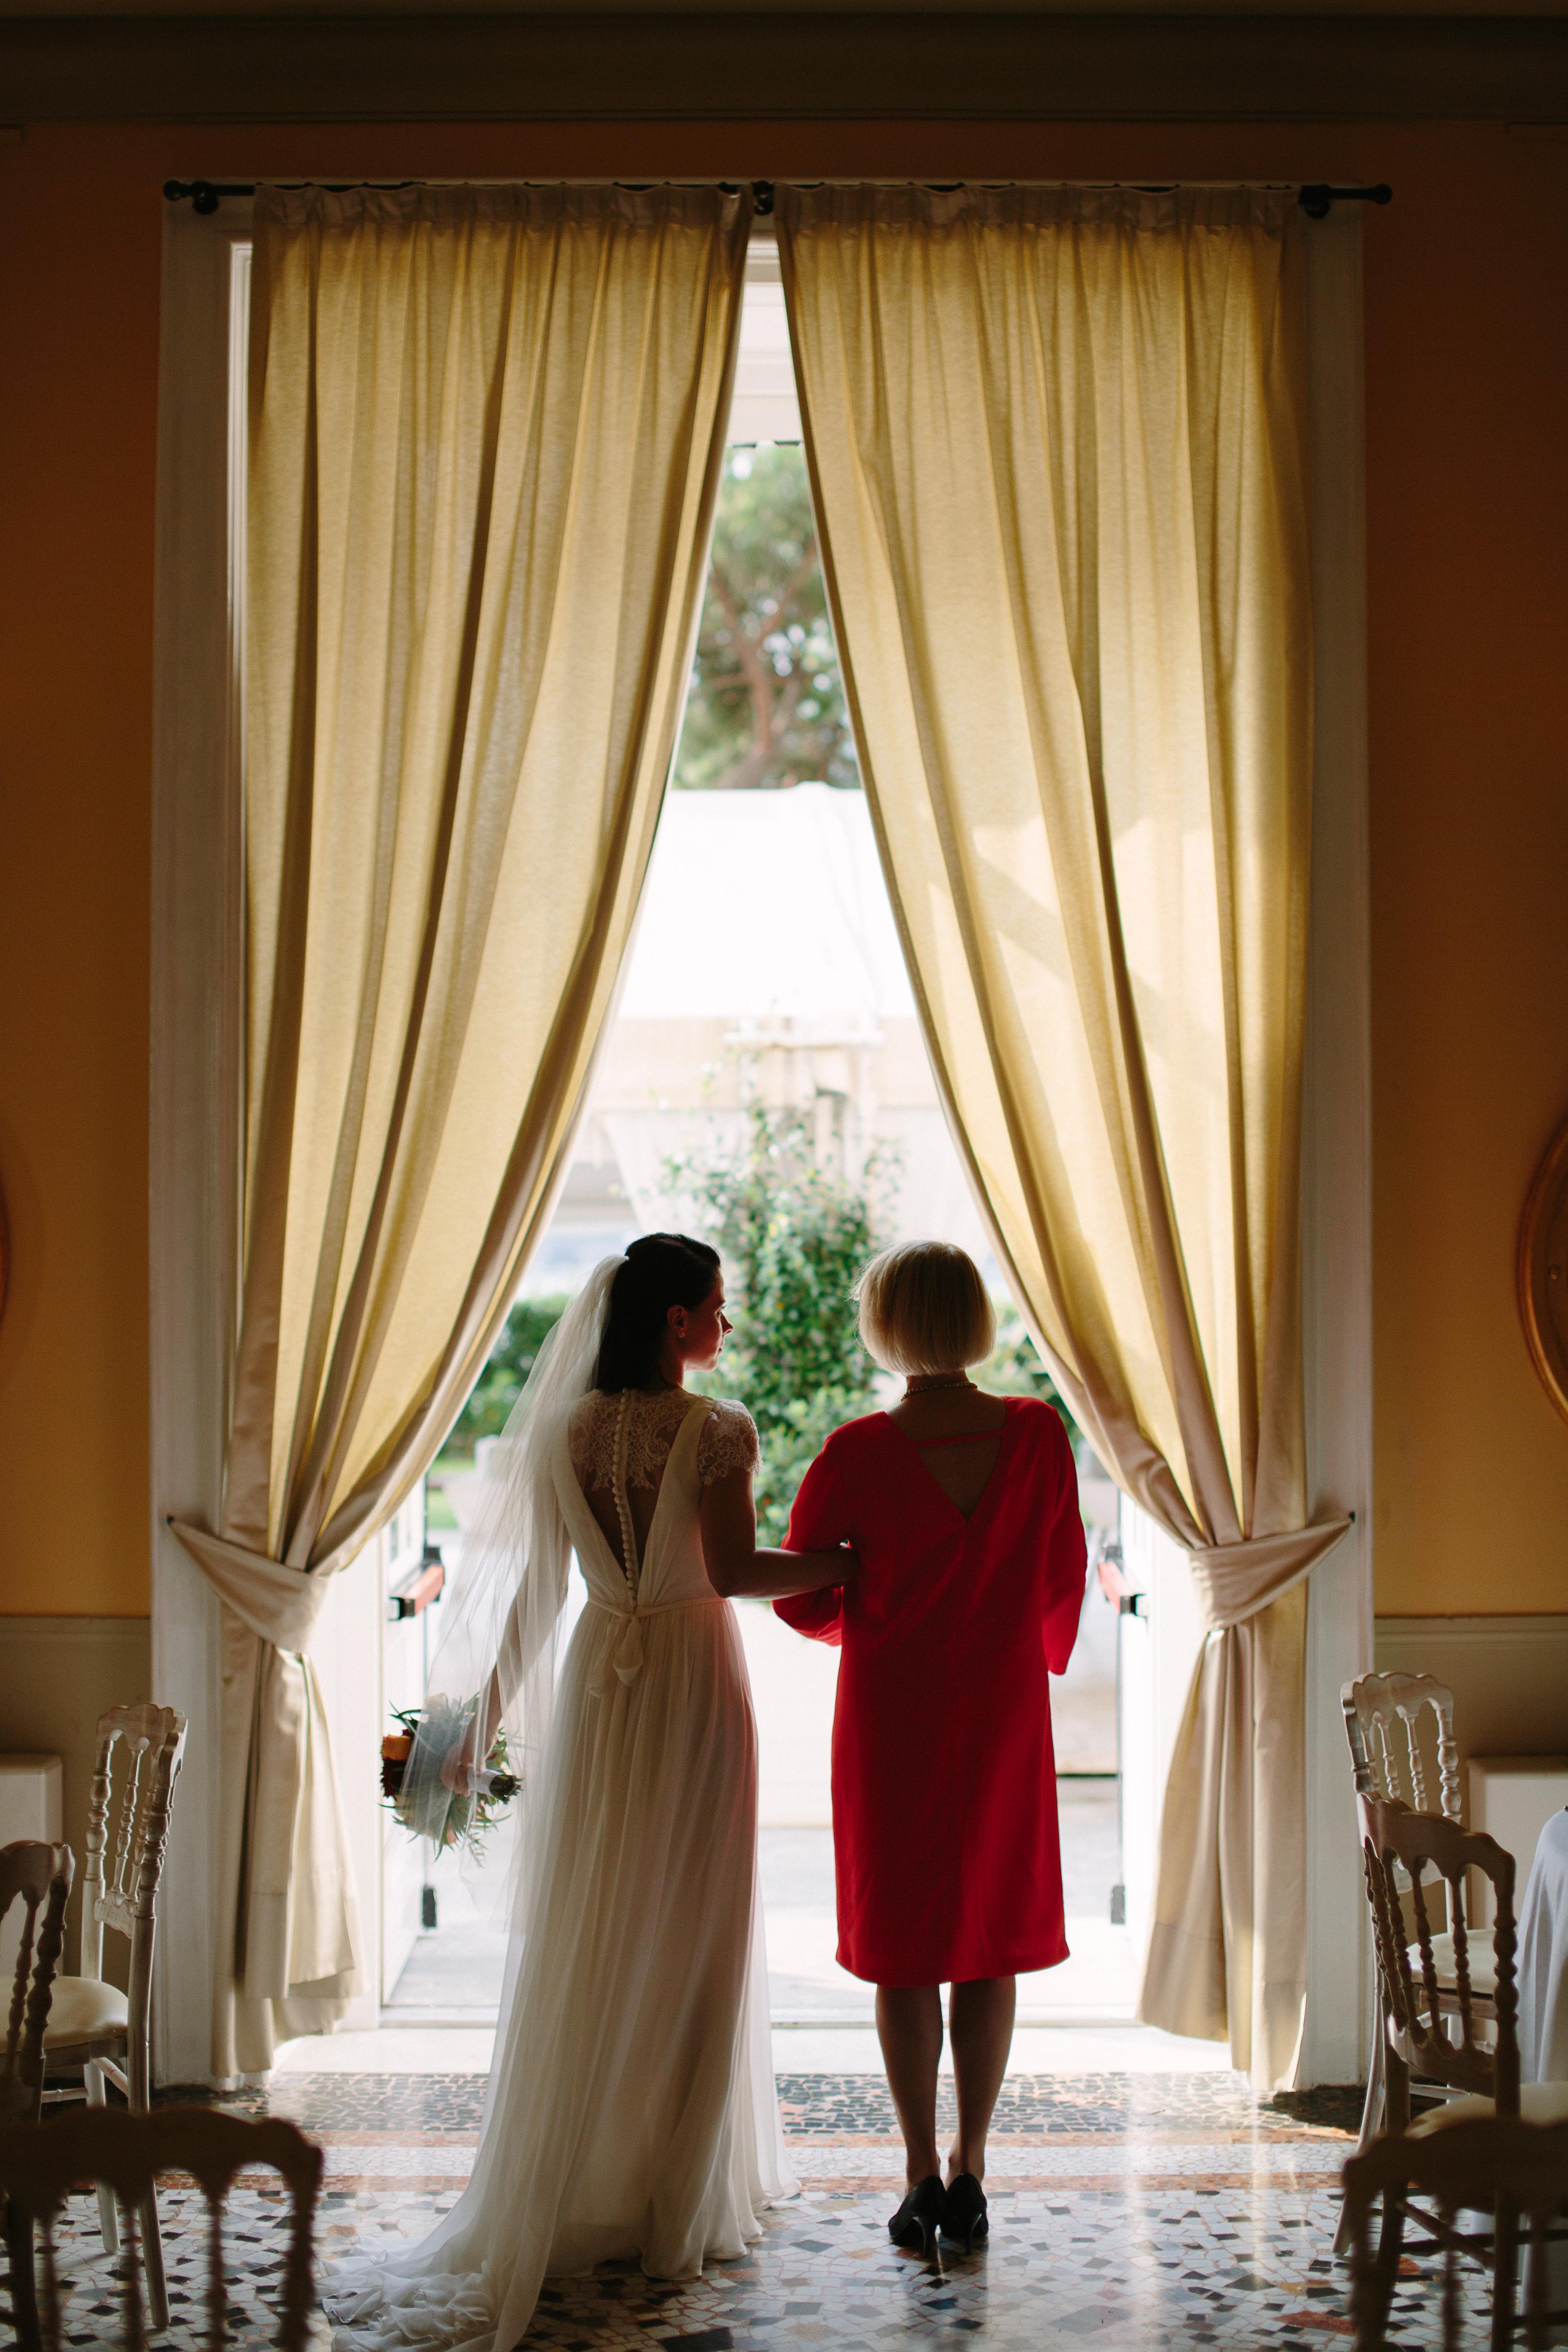 Bride in venue, Ceremony in Lake Como by Italian Wedding Designer